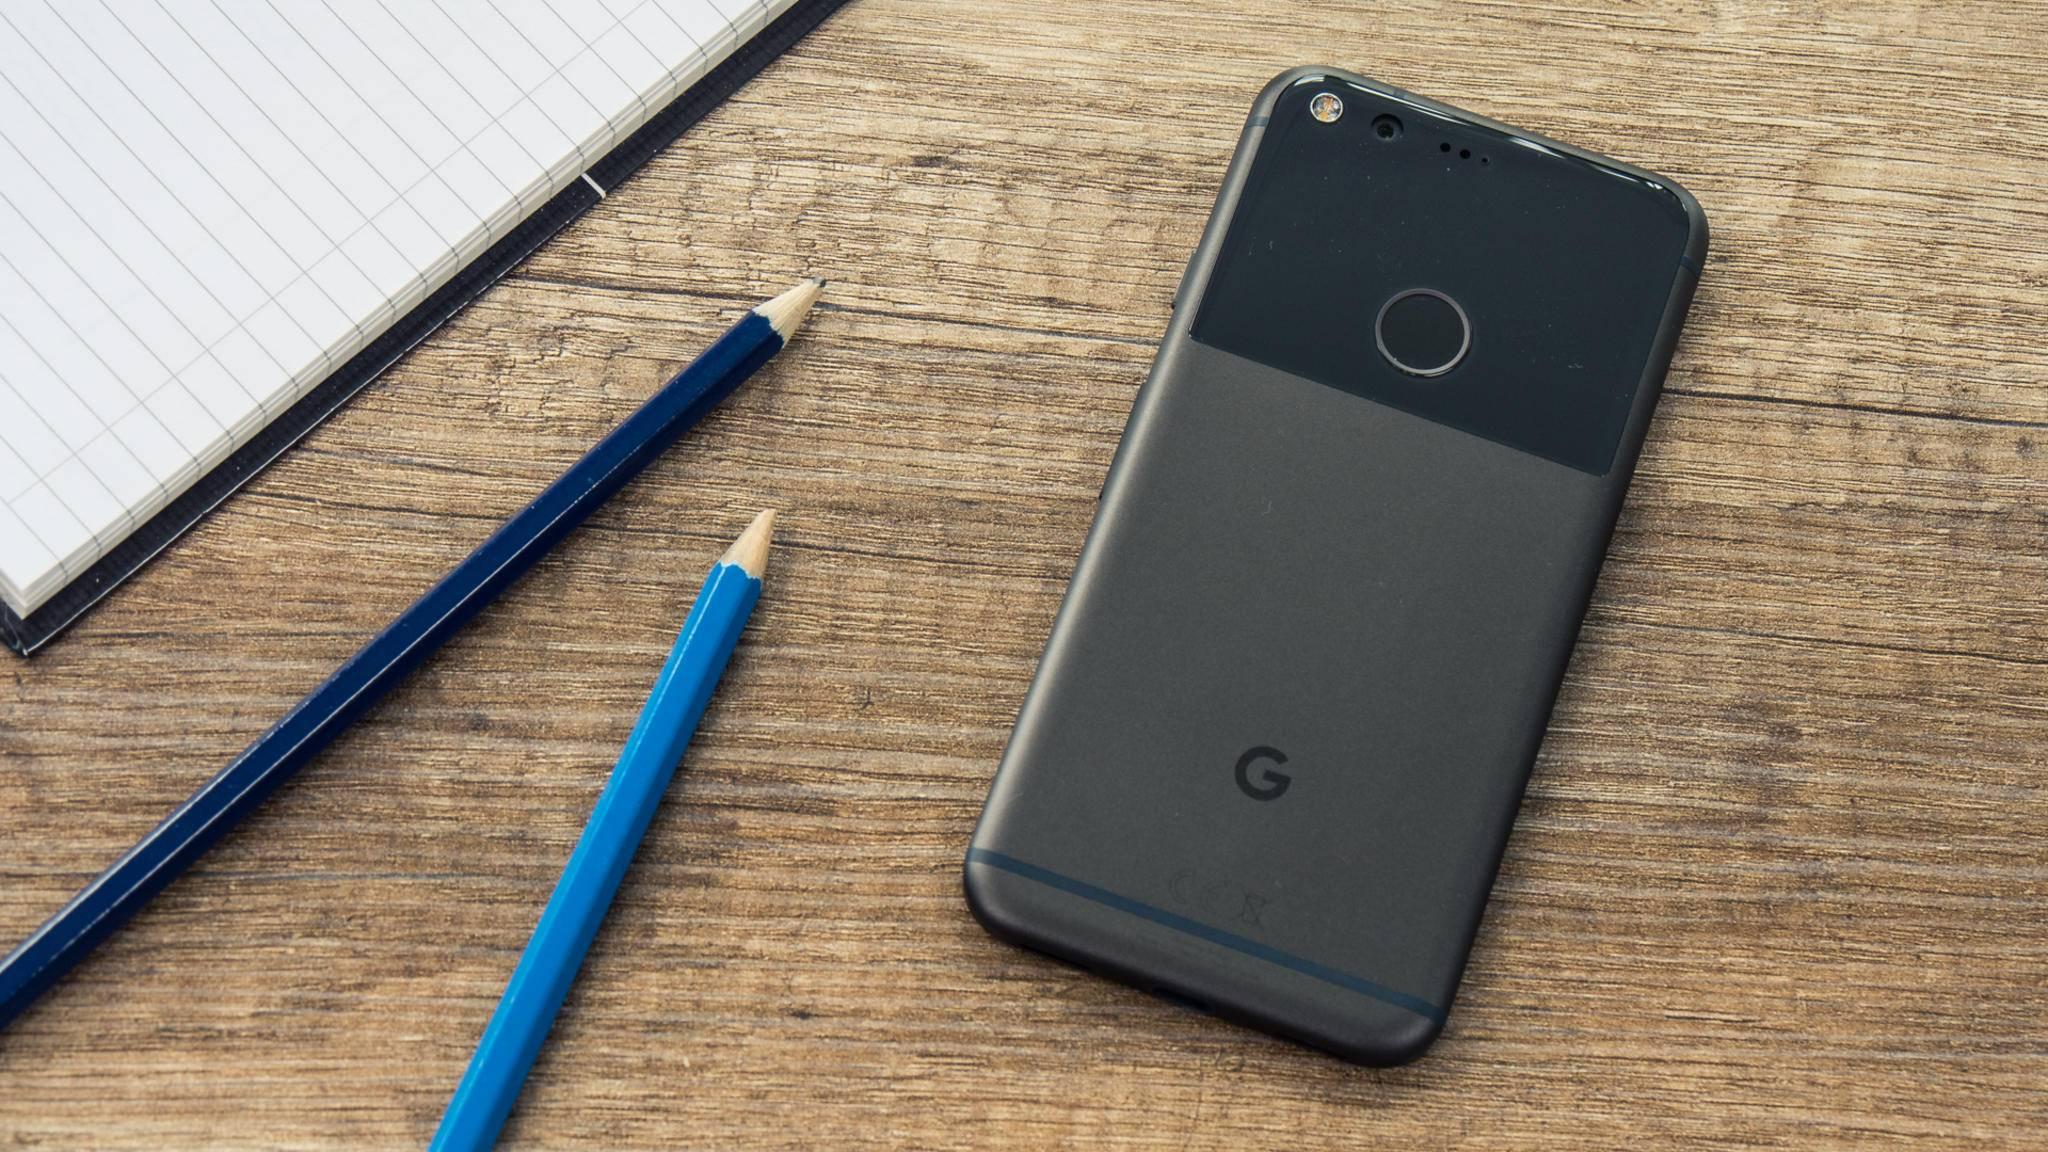 Das Google Pixel 2 wird dem Vorgänger voraussichtlich sehr ähnlich sehen.